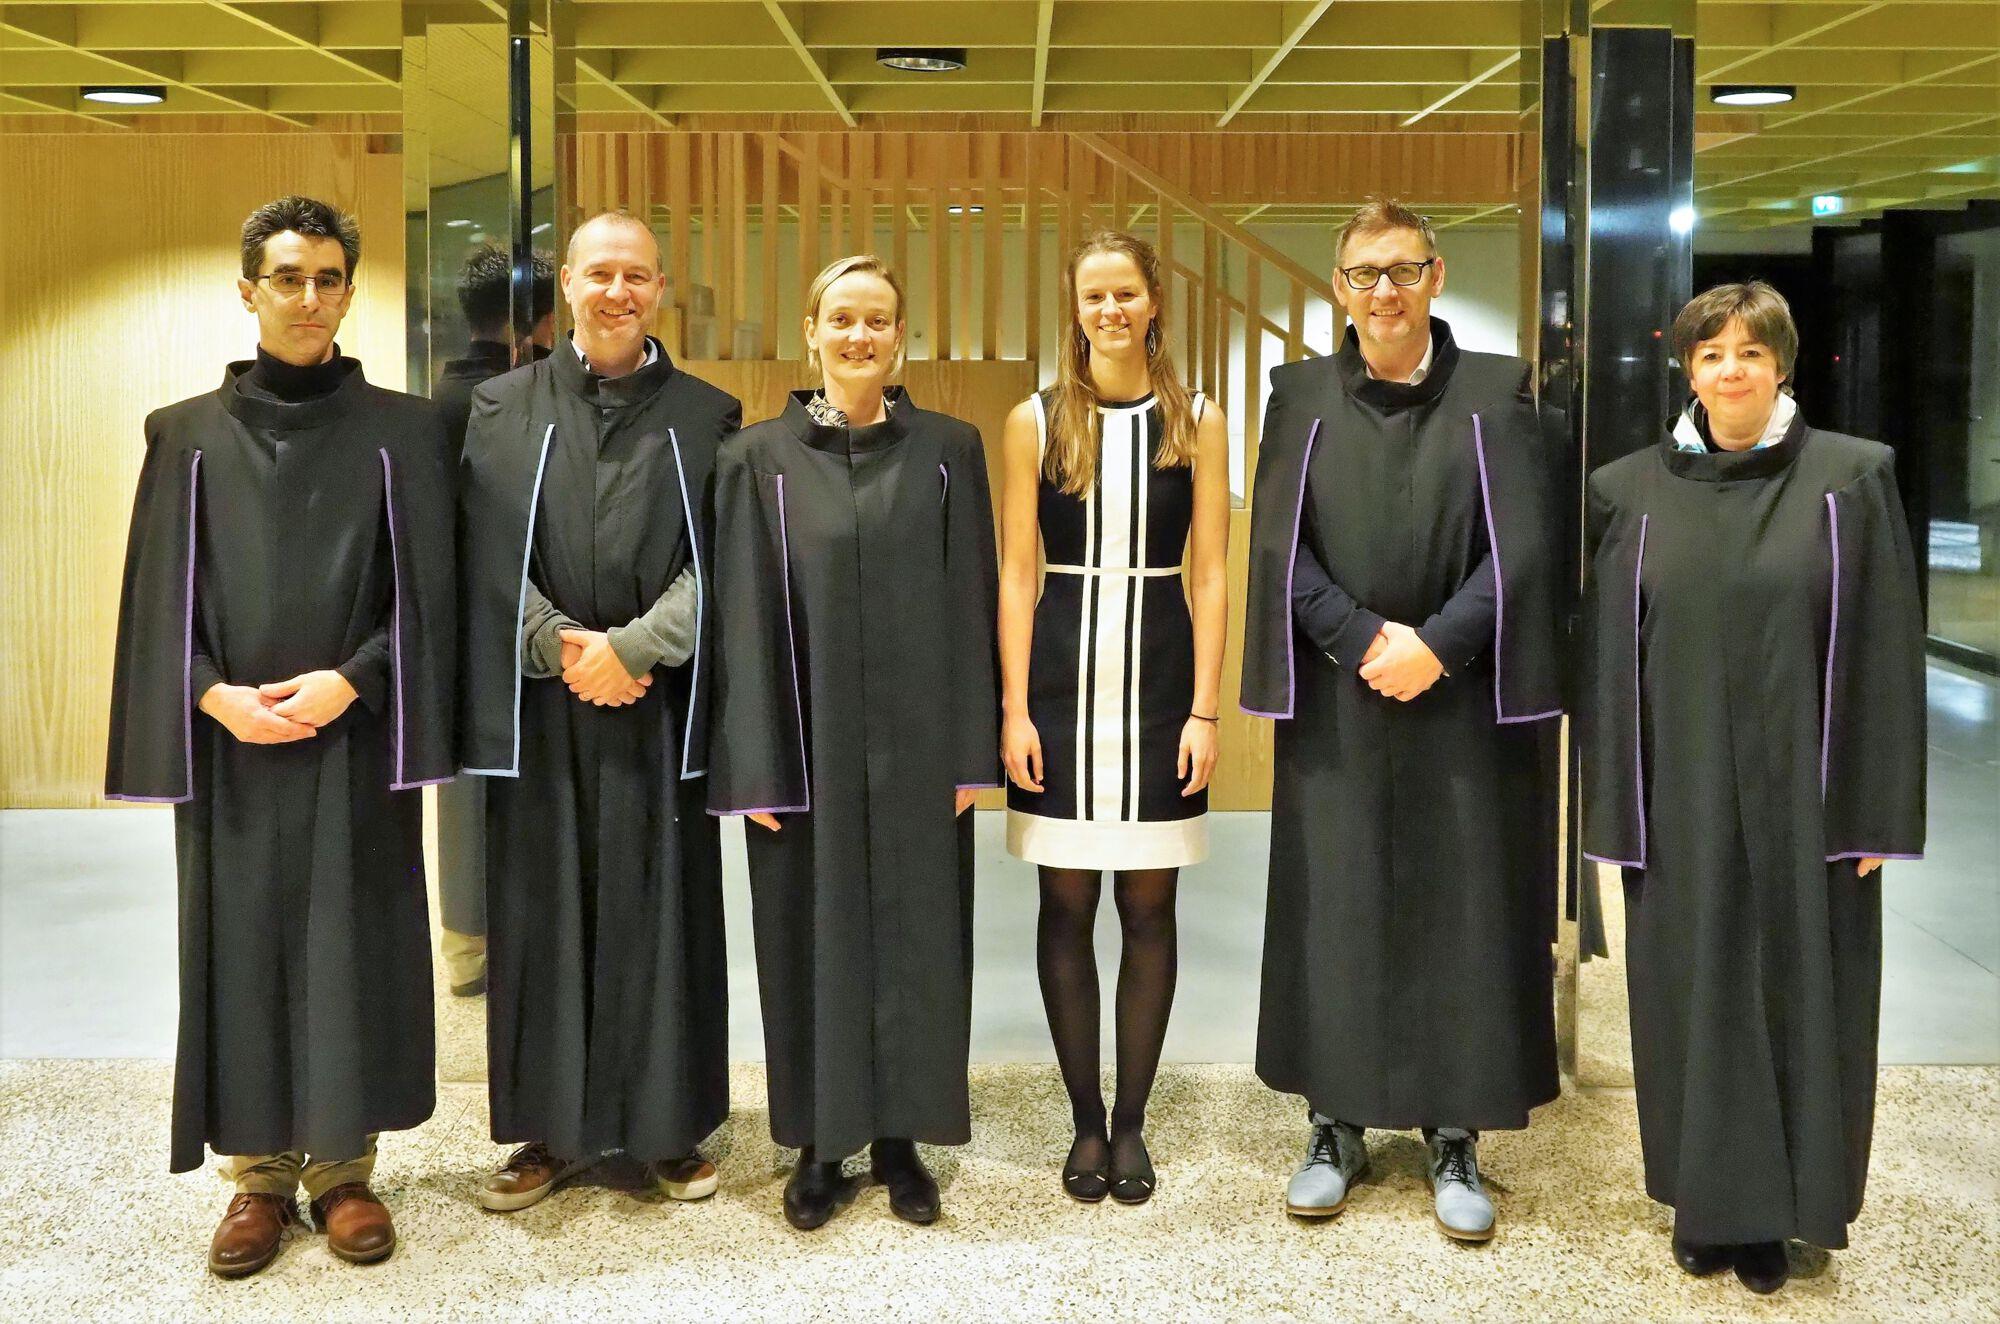 Doctoraatsverdediging Heleen Van Acker - 7 december 2018